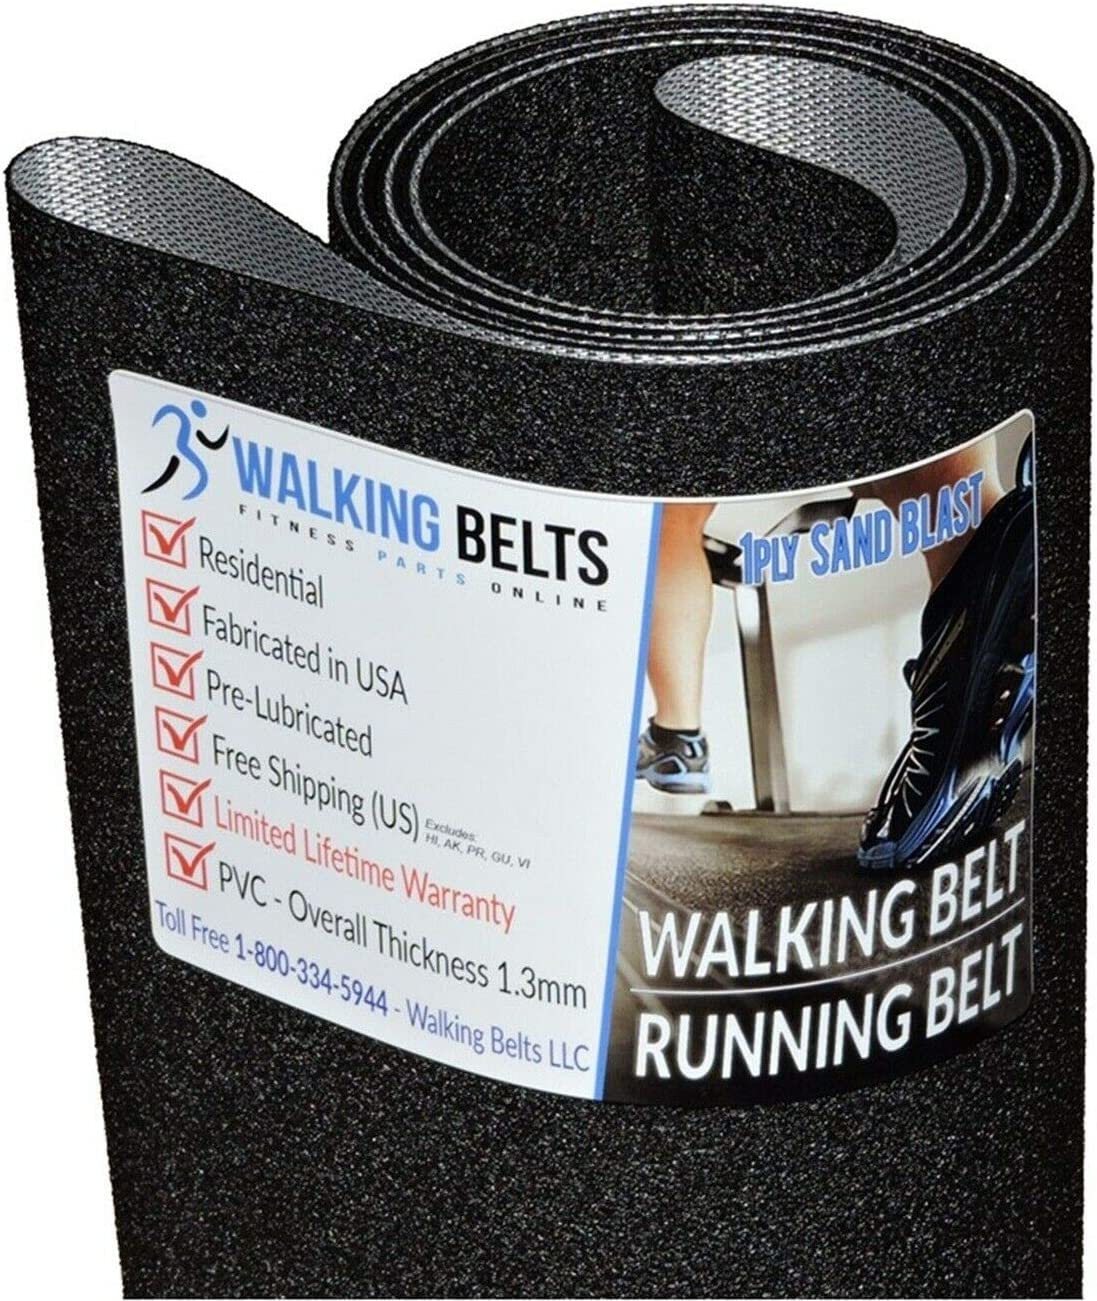 Super sale period limited WALKINGBELTS Walking Belts LLC - List price ProForm PETL797141 Endurance S7